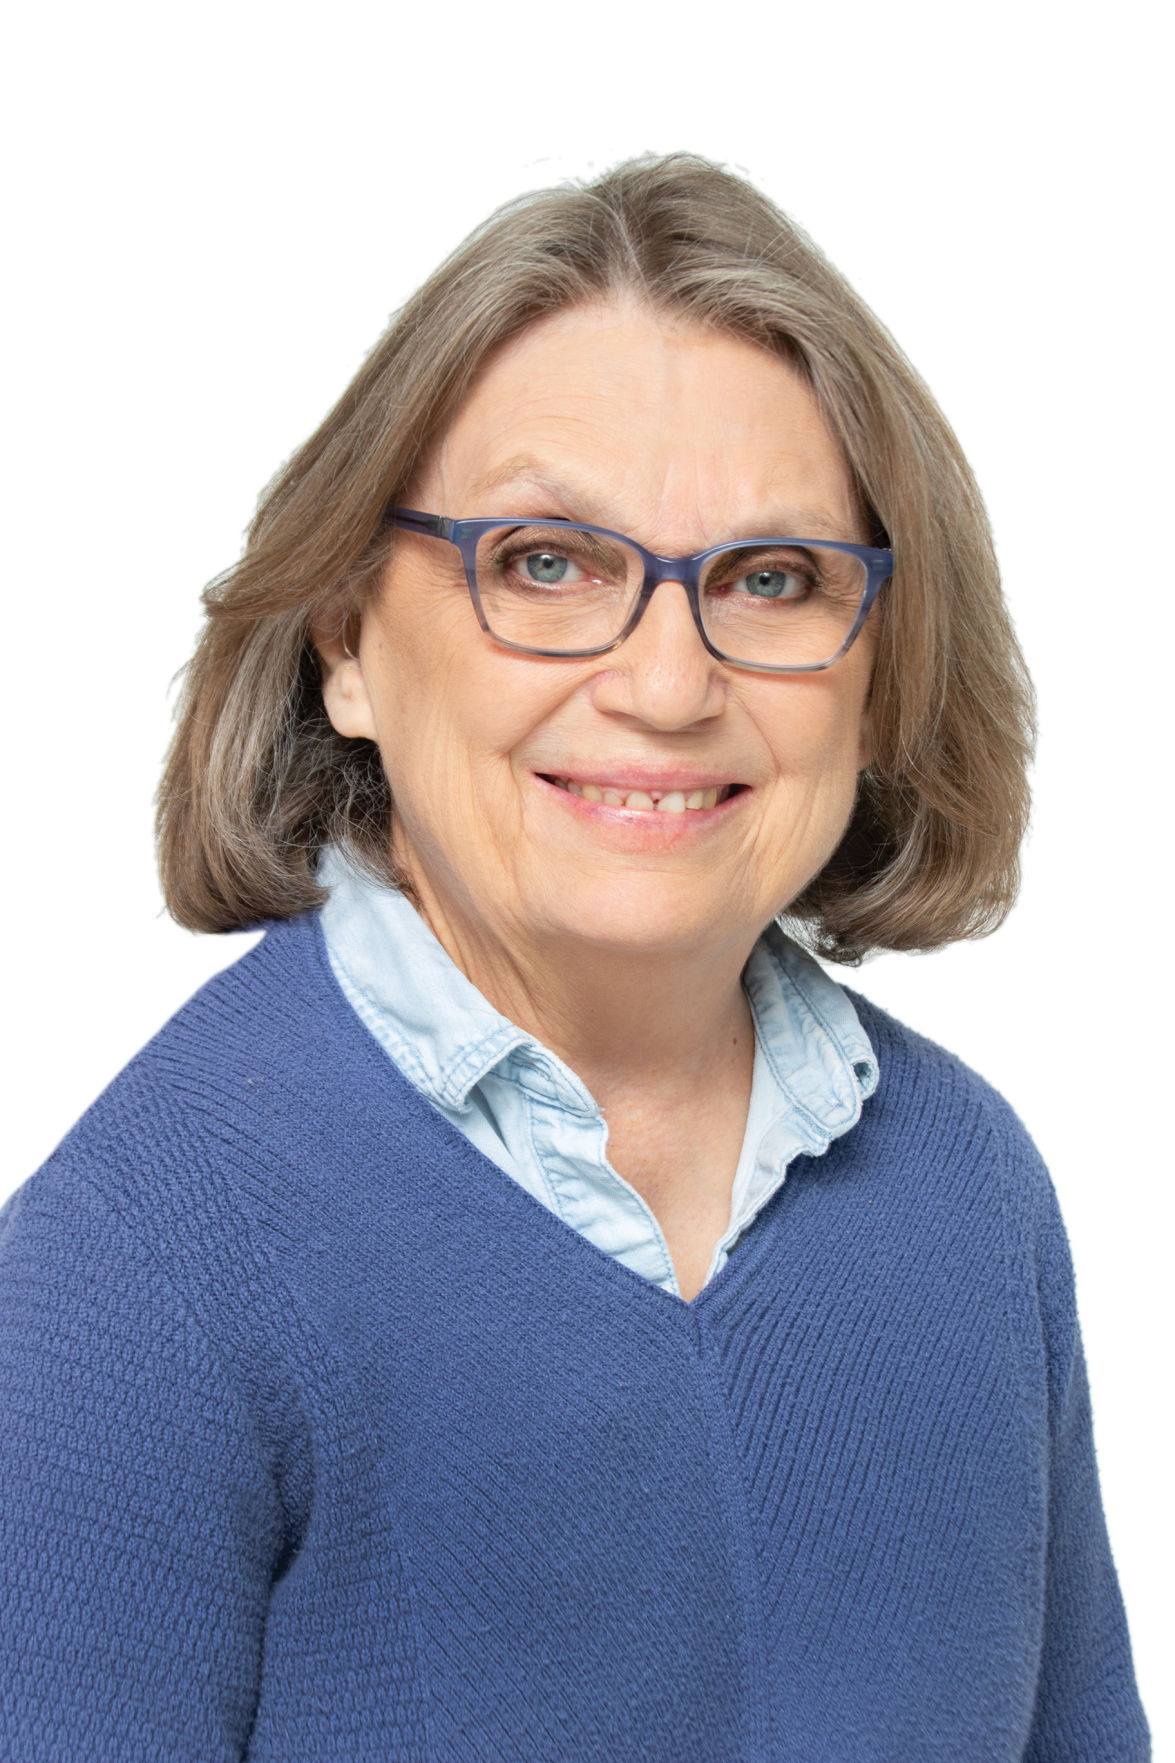 Judy Langdon